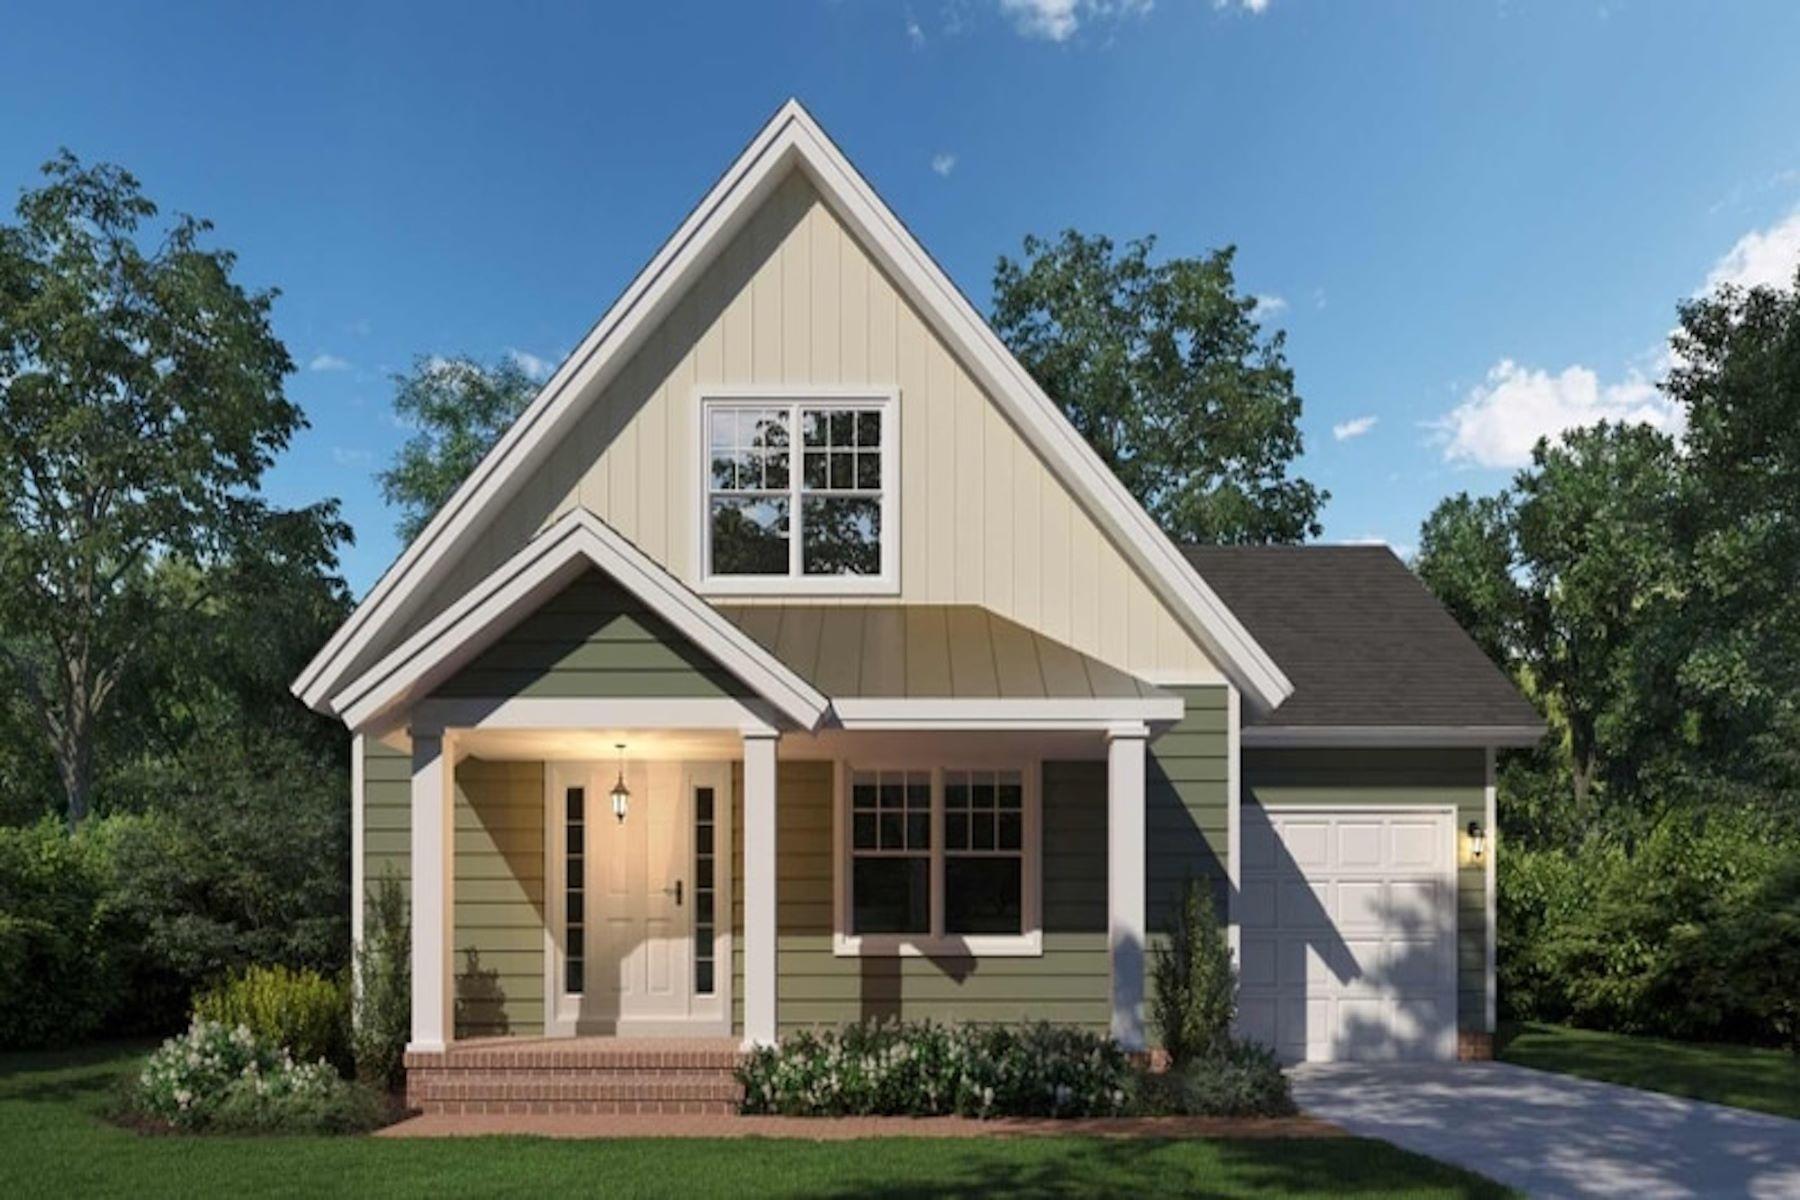 Single Family Homes için Satış at New Construction Coastal Bungalow in Tilghman on Chesapeake 5661 Trafalgar Circle, Tilghman, Maryland 21671 Amerika Birleşik Devletleri